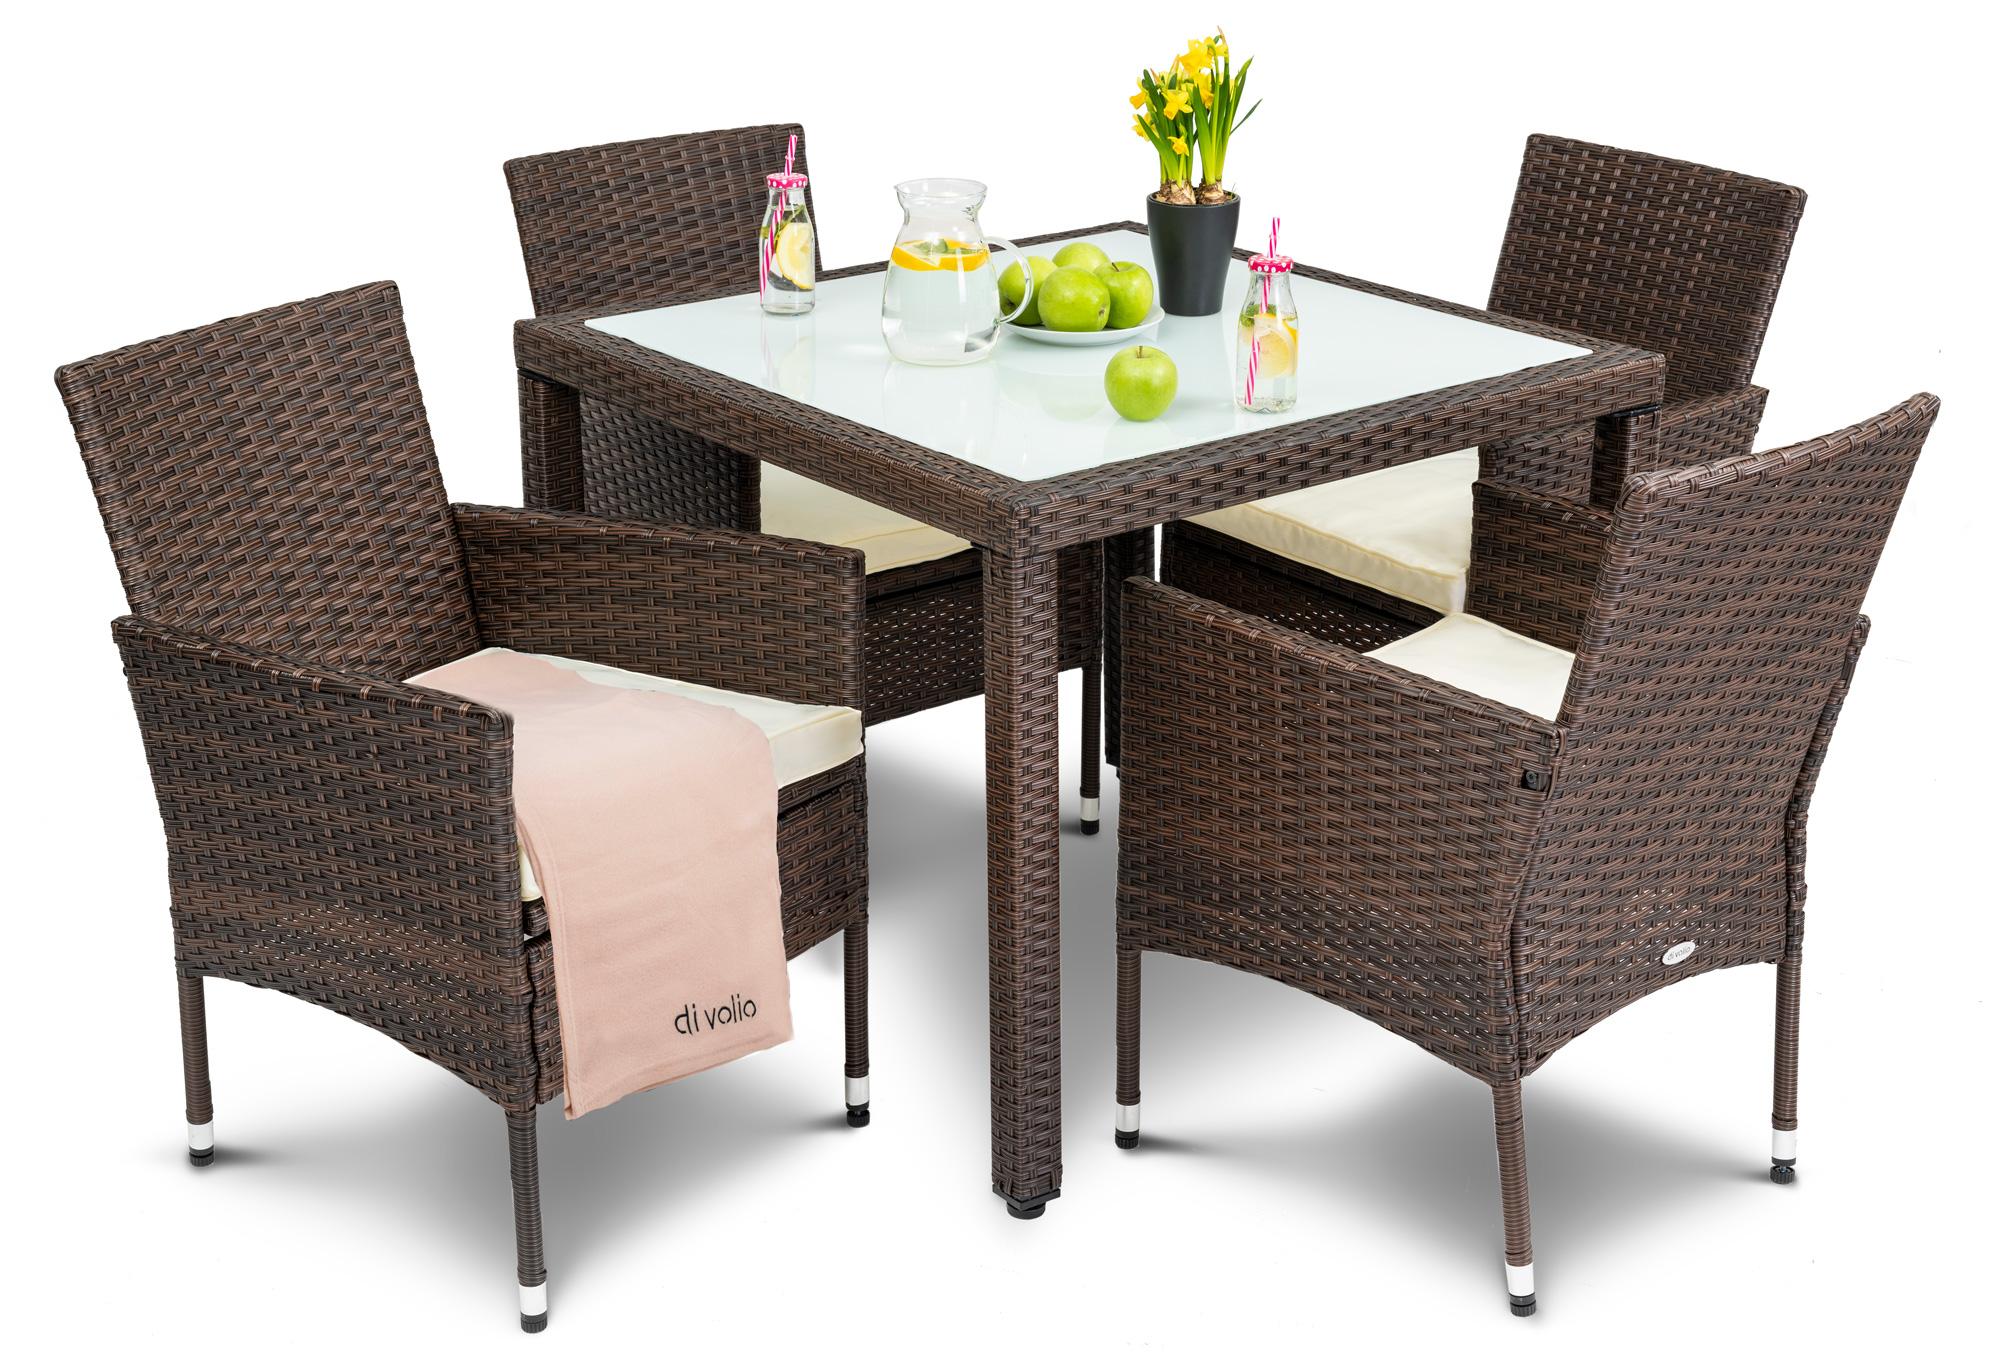 Divolio Gartenmobel Set Mit Tisch Und Stuhlen Verona Set 4 1 Braun Creme Hop Sport De